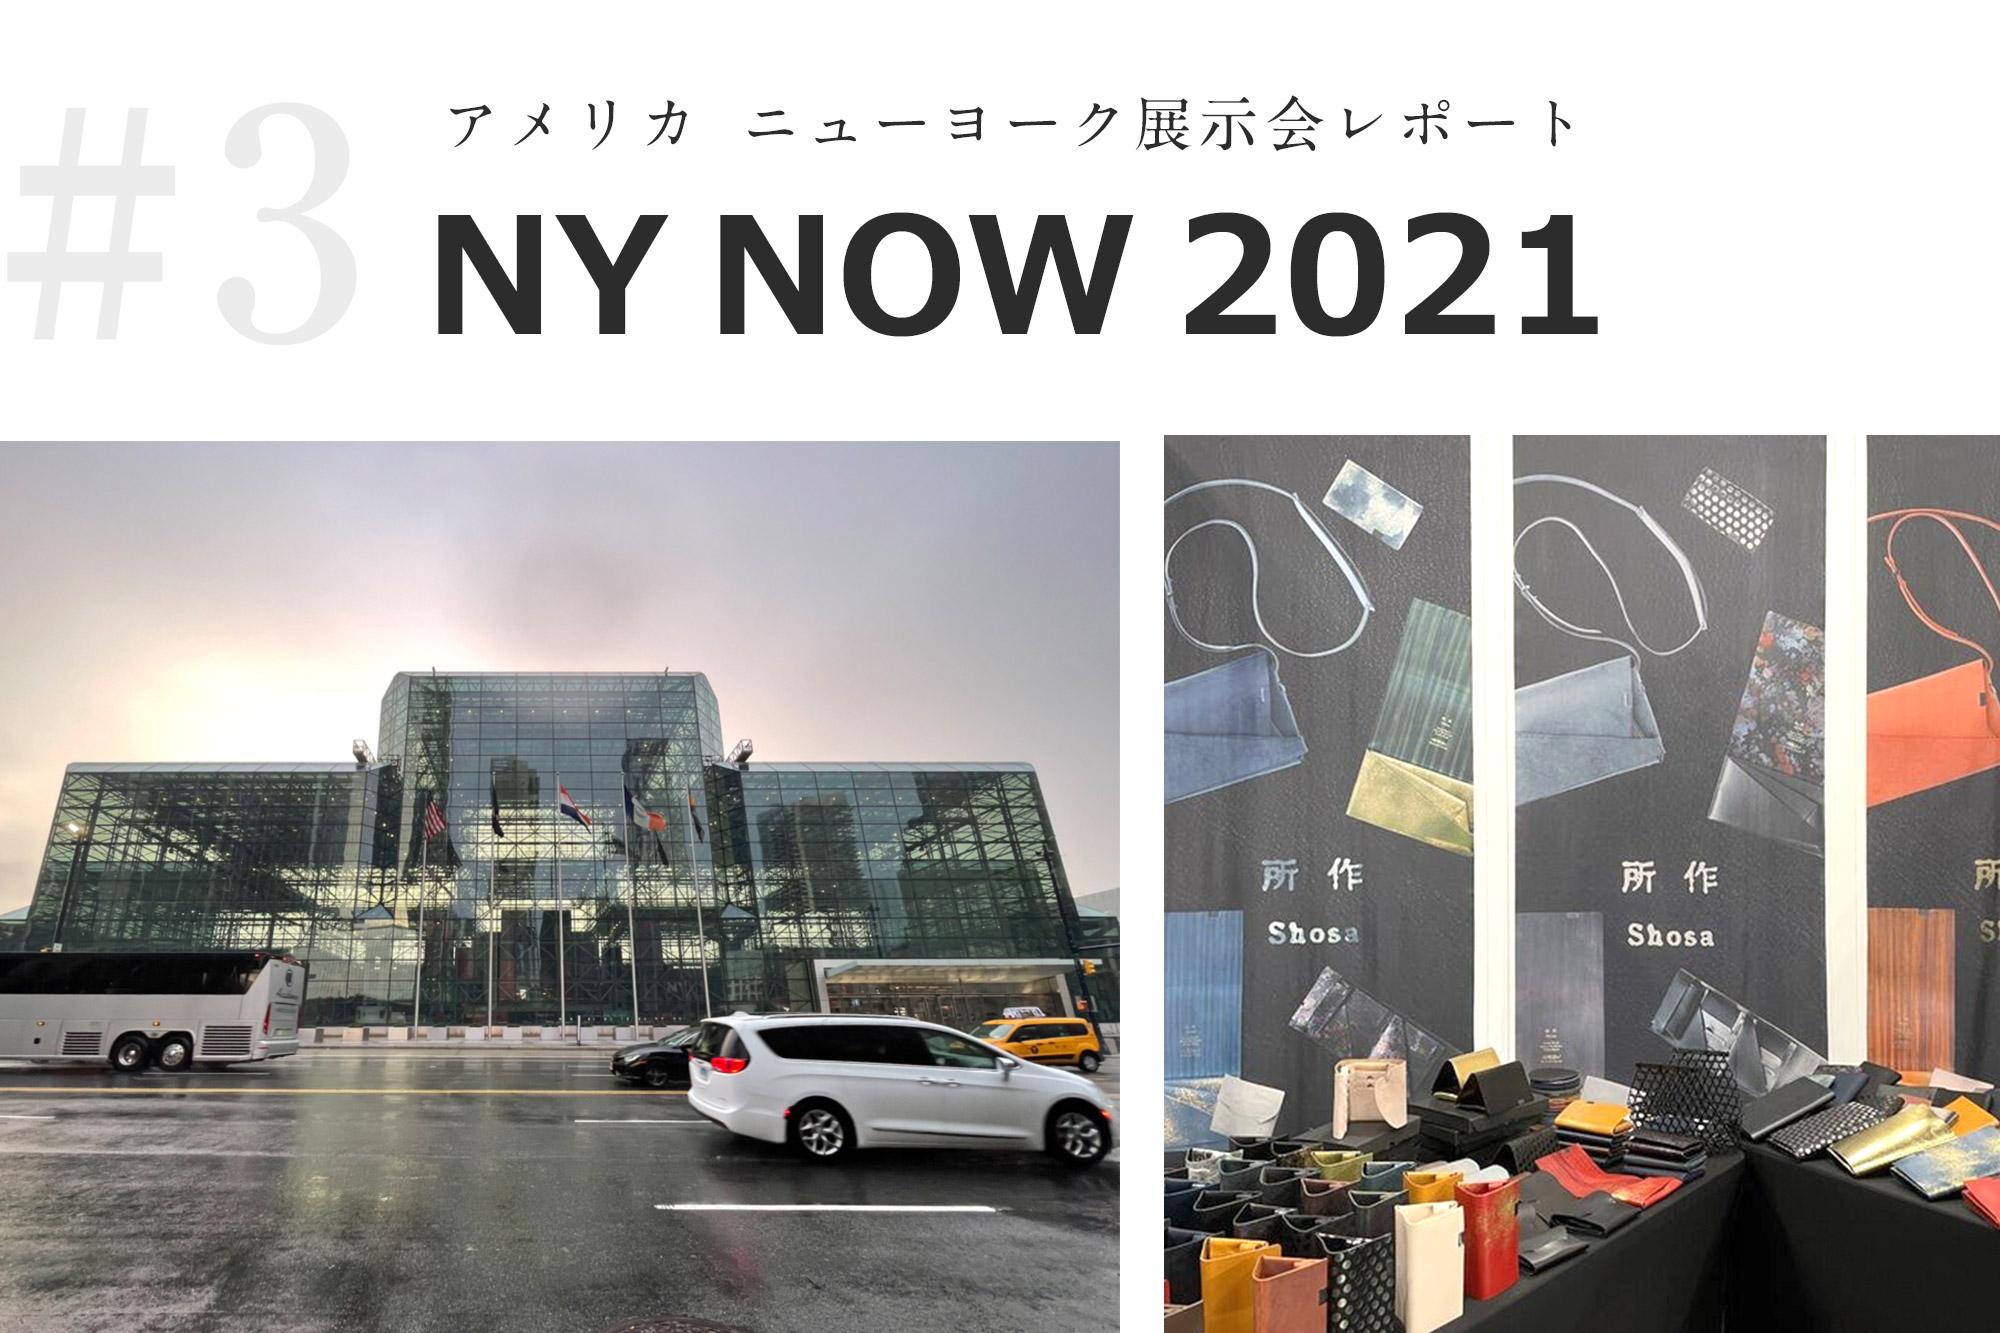 アメリカ ニューヨークでの展示会「NY NOW 2021」 レポート③